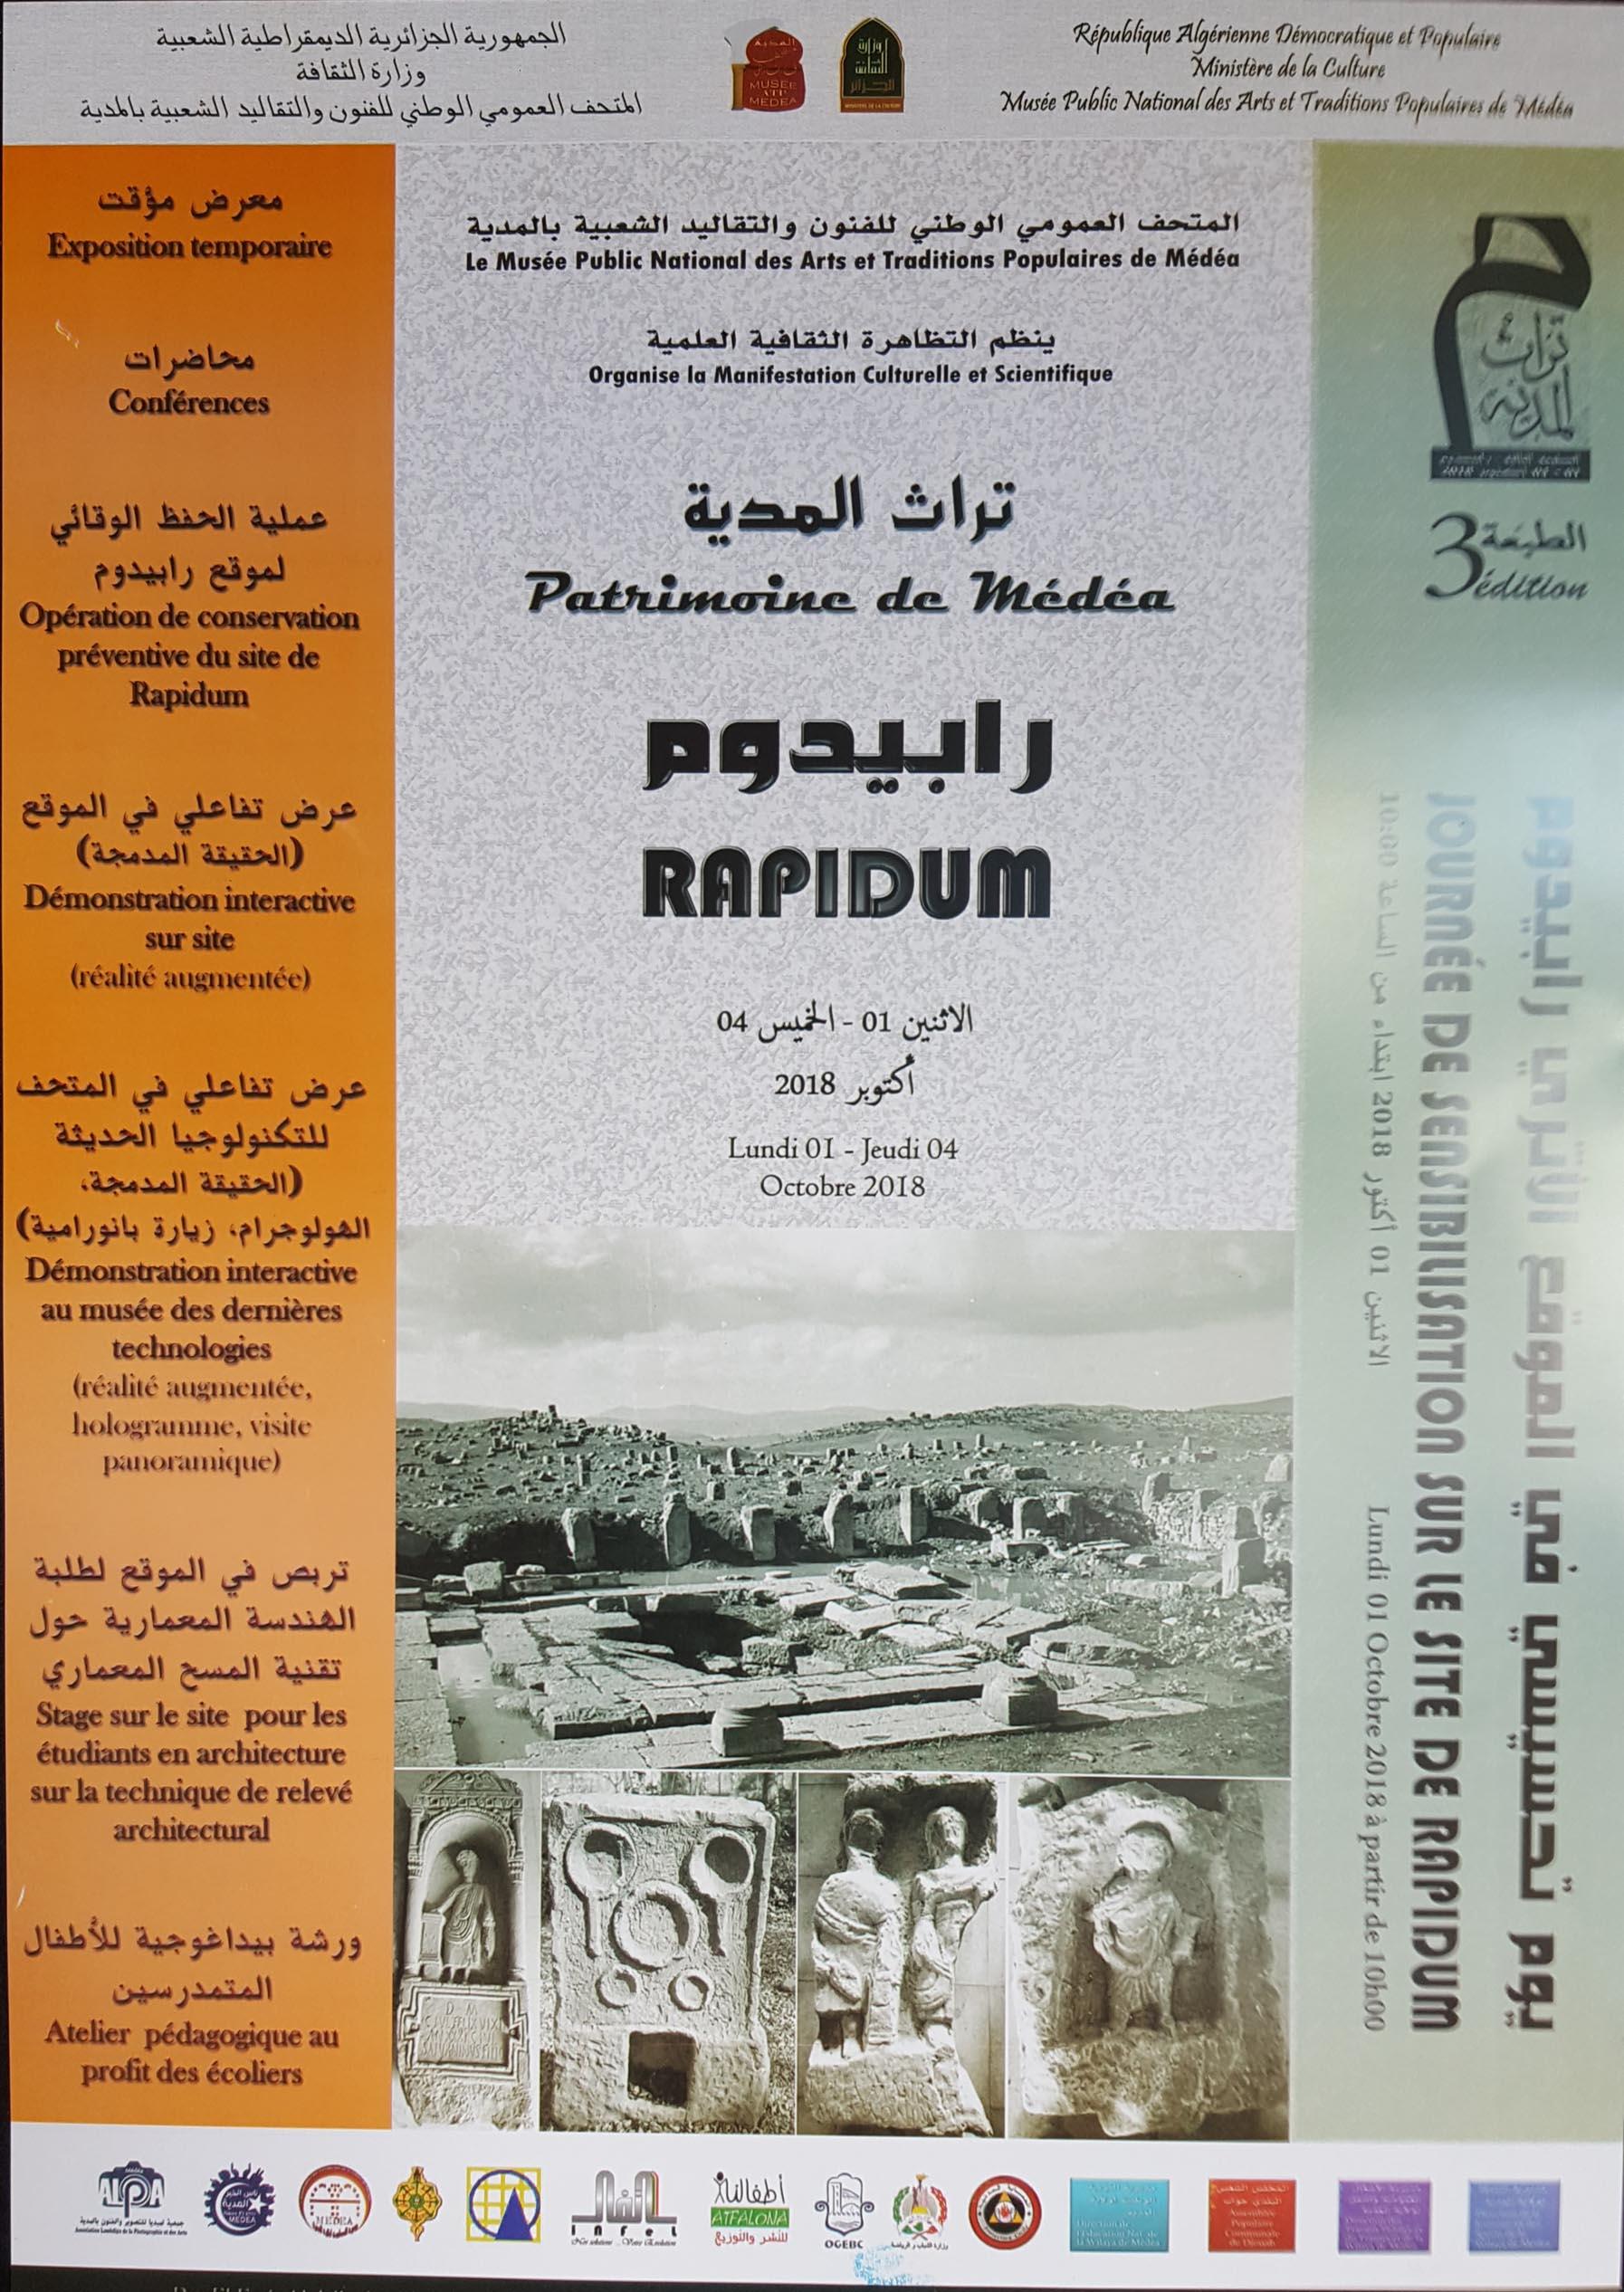 Journées d'études sur le Patrimoine de Médéa (RAPIDUM)